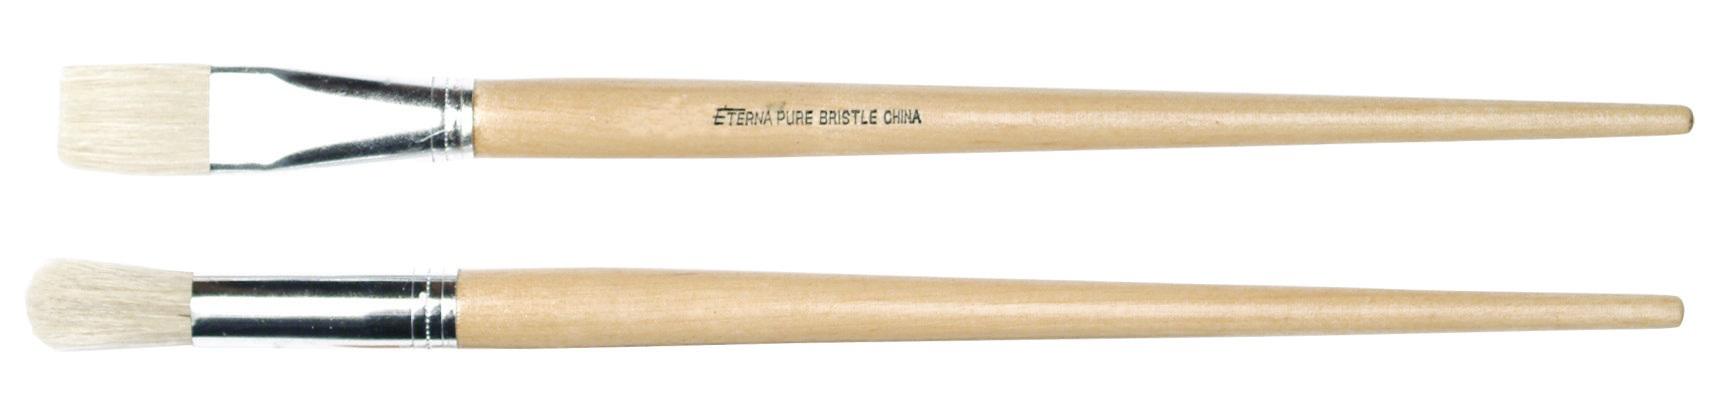 No.2 Round Hog Brush